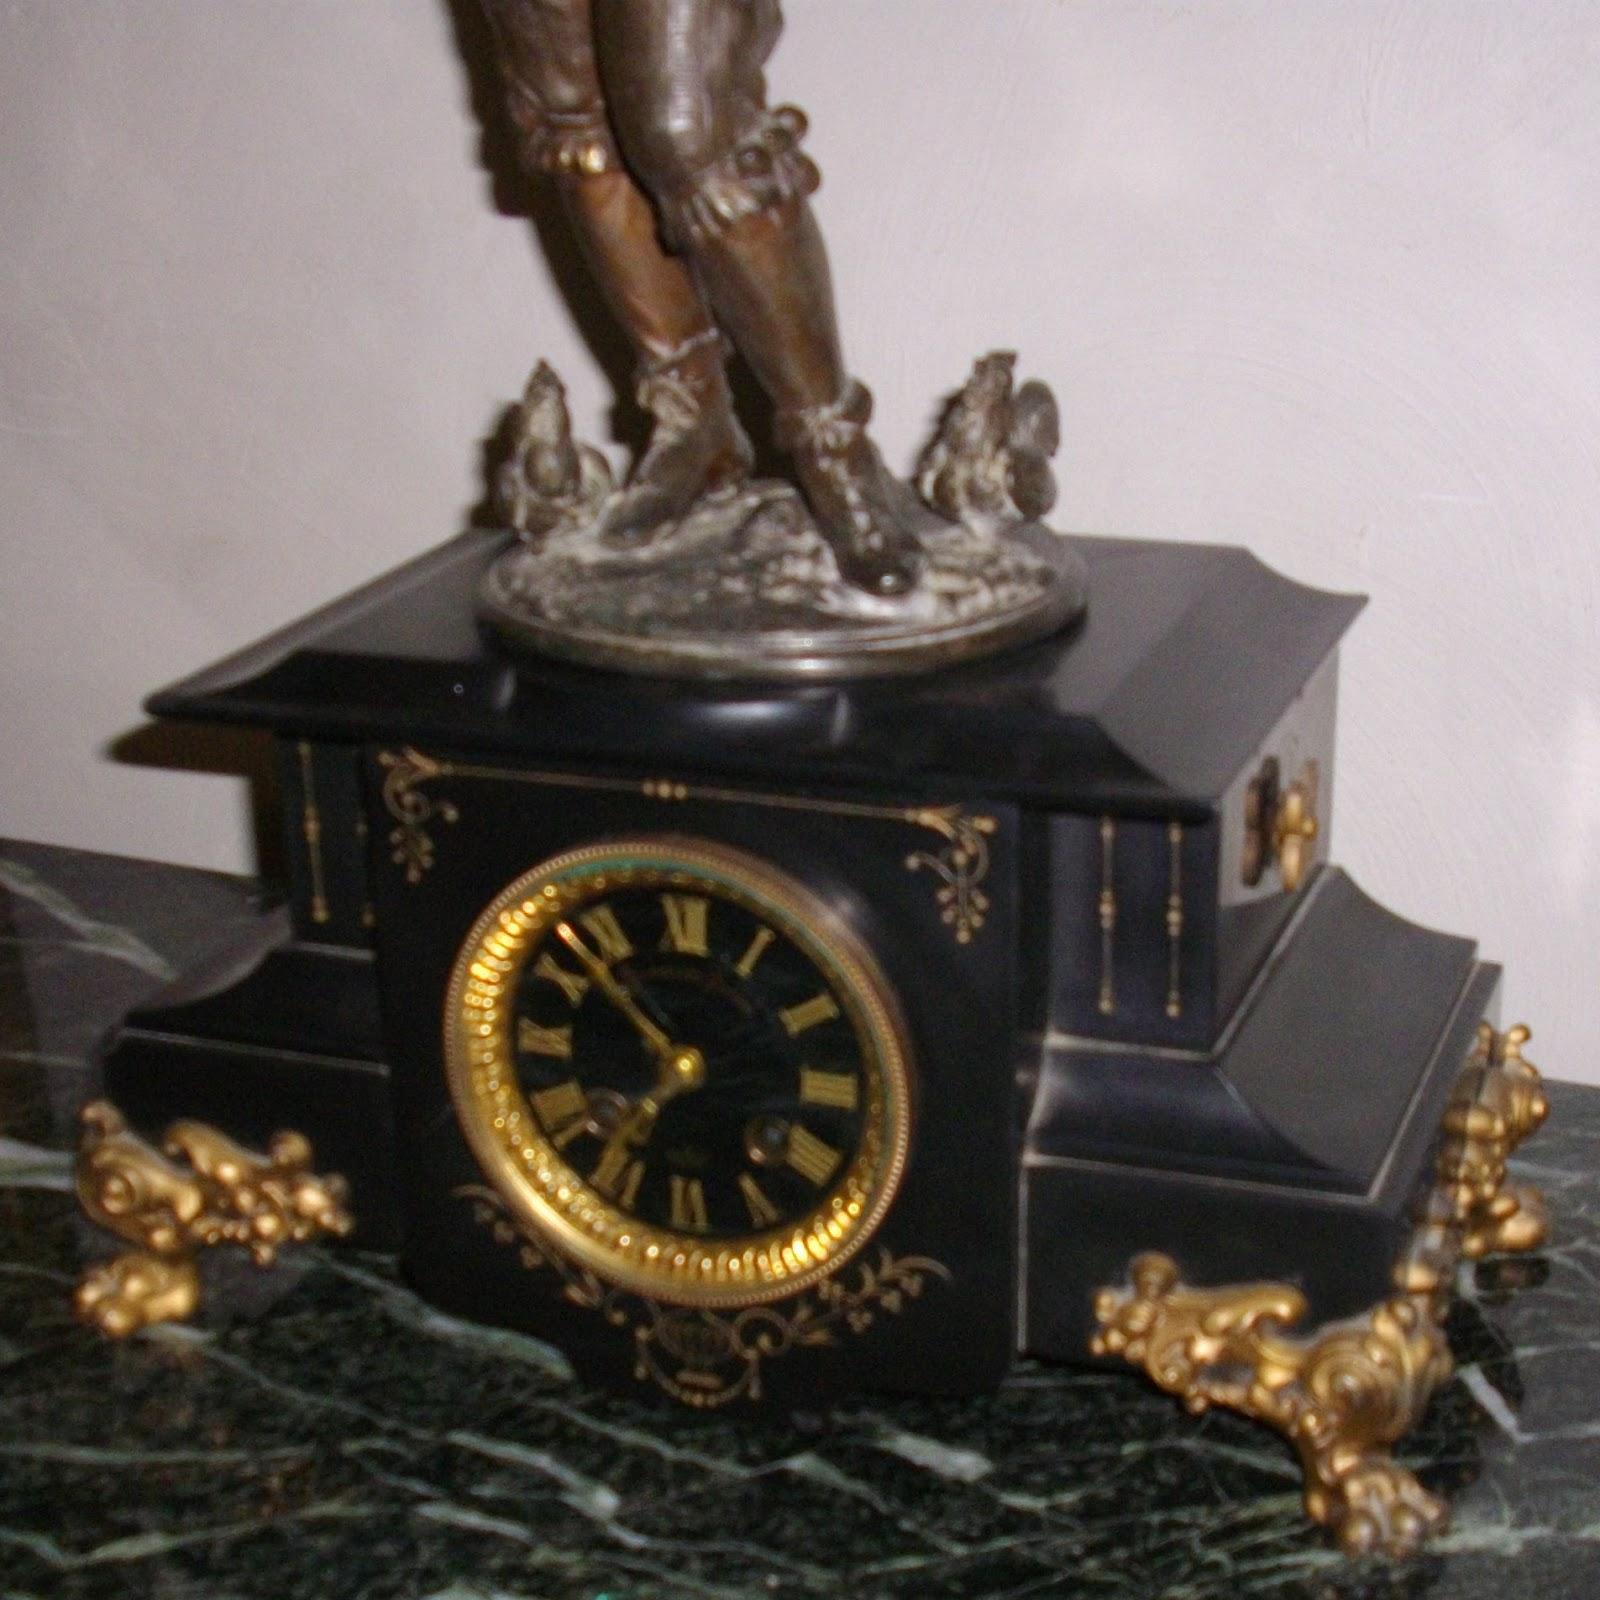 ancienne pendule napol on iii marbre noir d ssinateur i. Black Bedroom Furniture Sets. Home Design Ideas